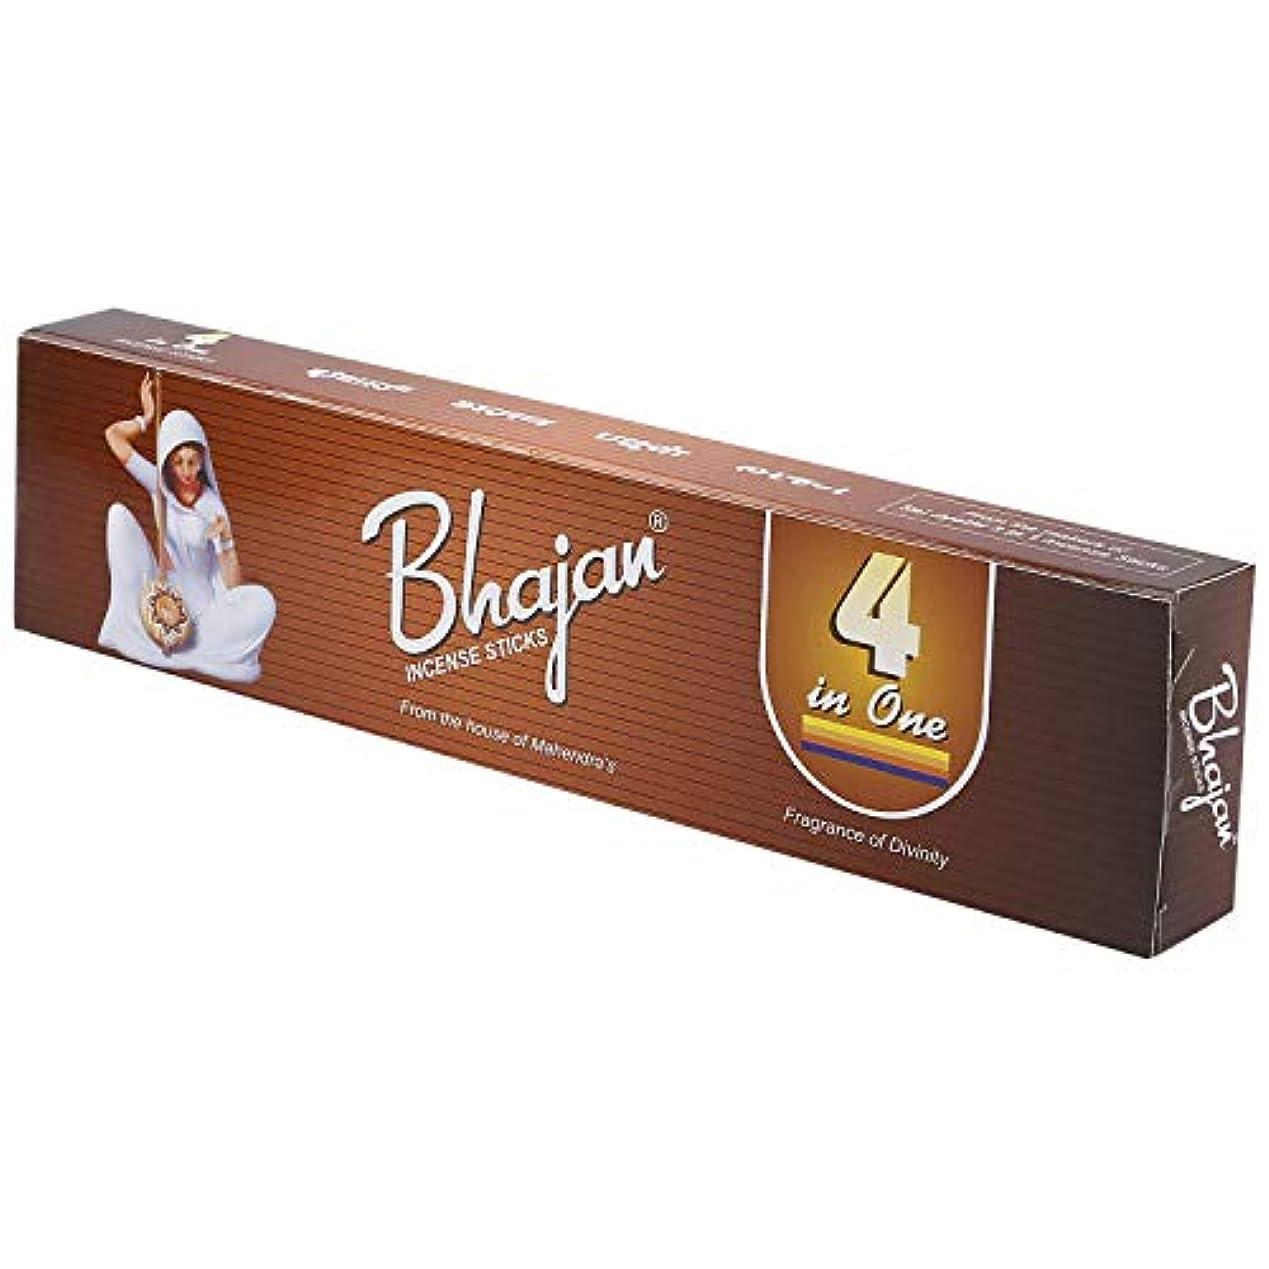 内なる音節はっきりしないMahendra's Bhajan 100 (4in1) Incense Sticks - 4 Box Combo with Free Perfume Bag